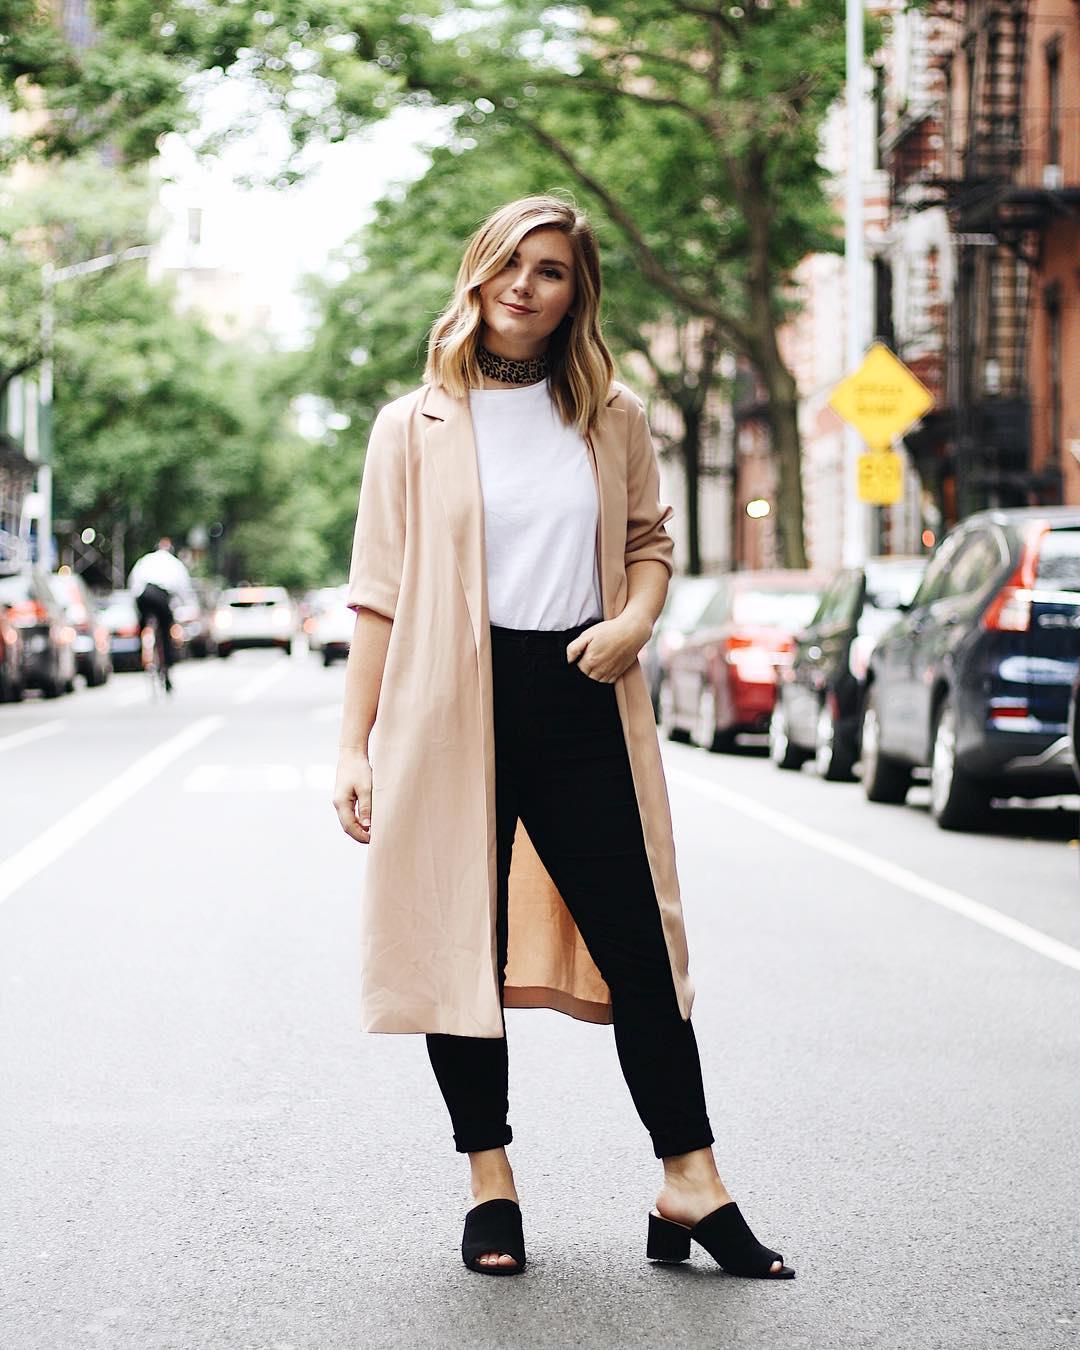 maxi jacket and basics look